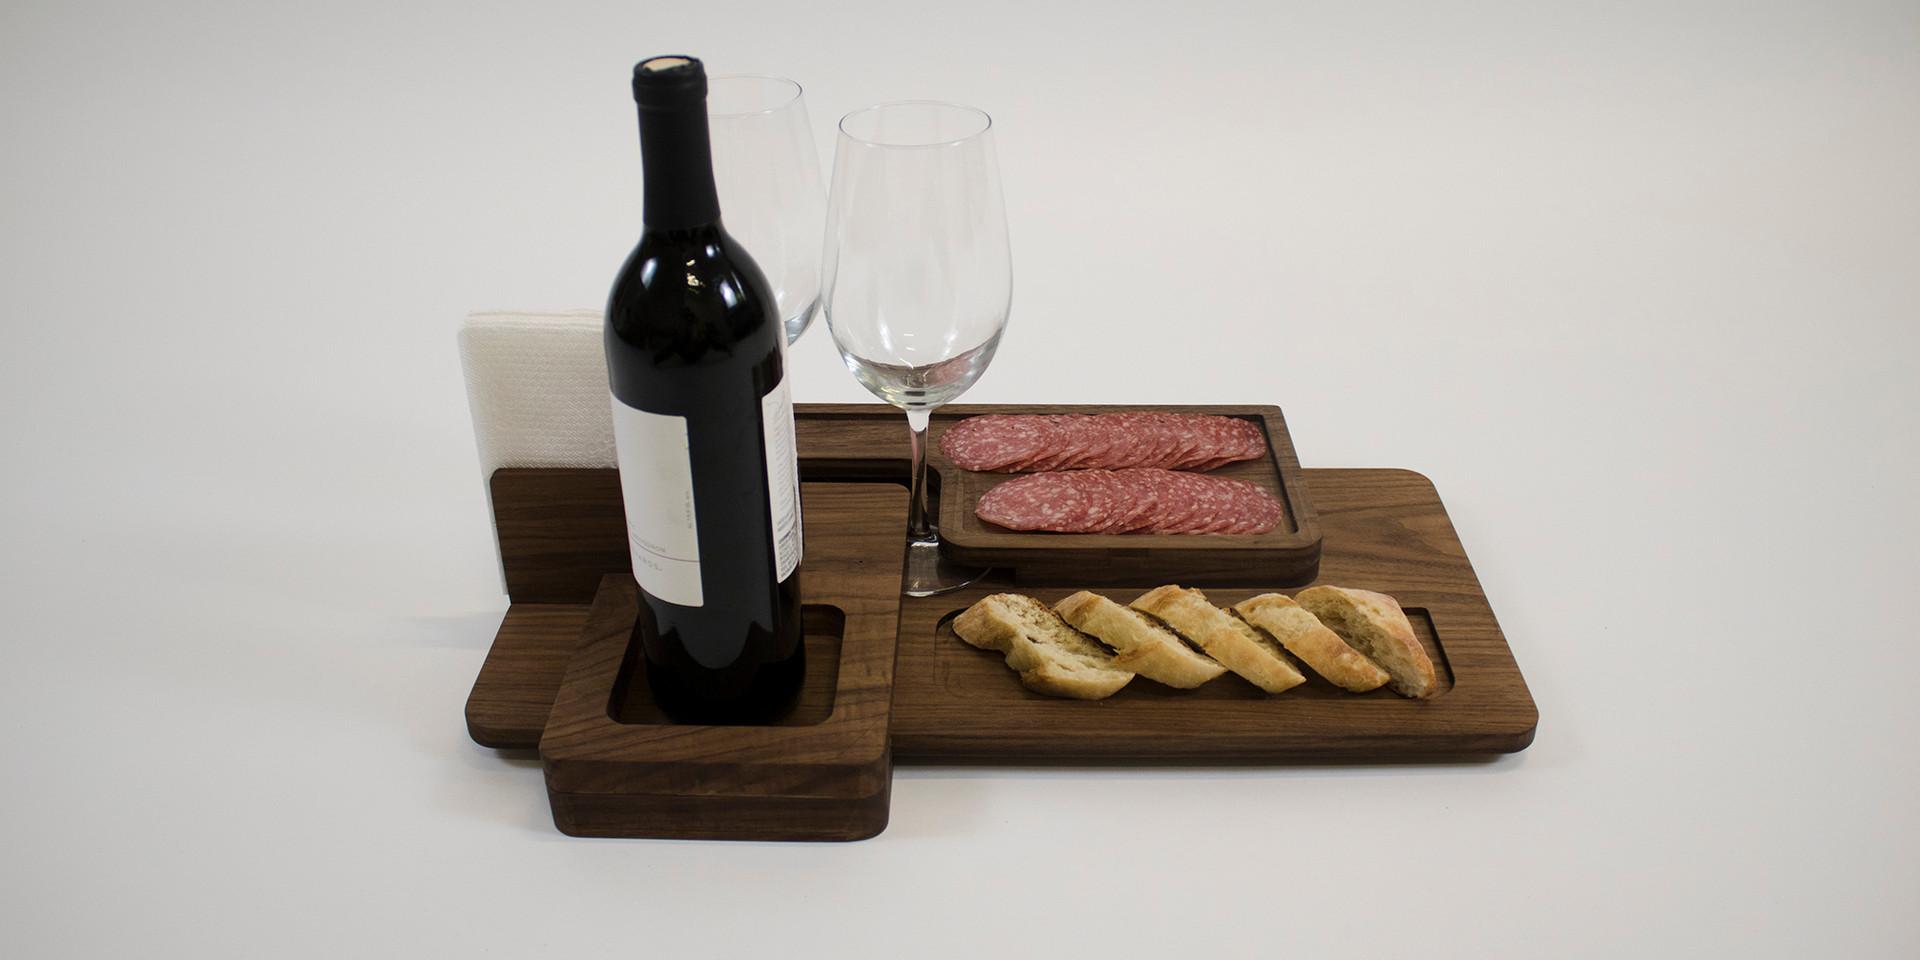 Slice tray